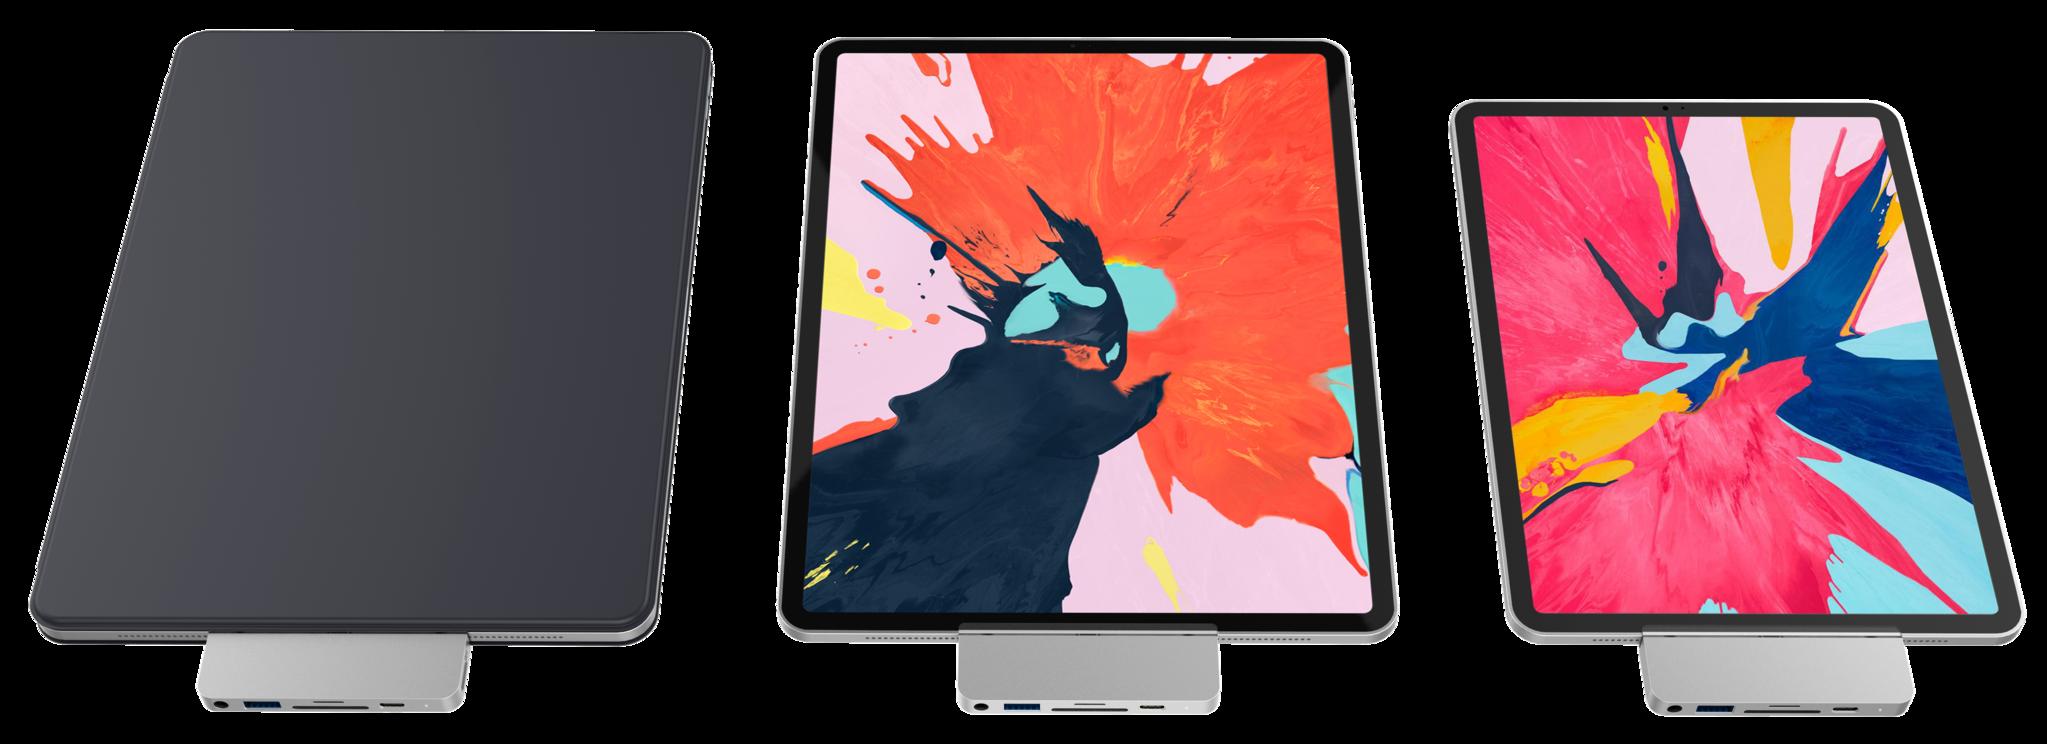 محول HyperDrive للايباد برو الجديد يضيف منافذ لـ 4K HDMI و سماعات الرأس و بطاقة SD والمزيد